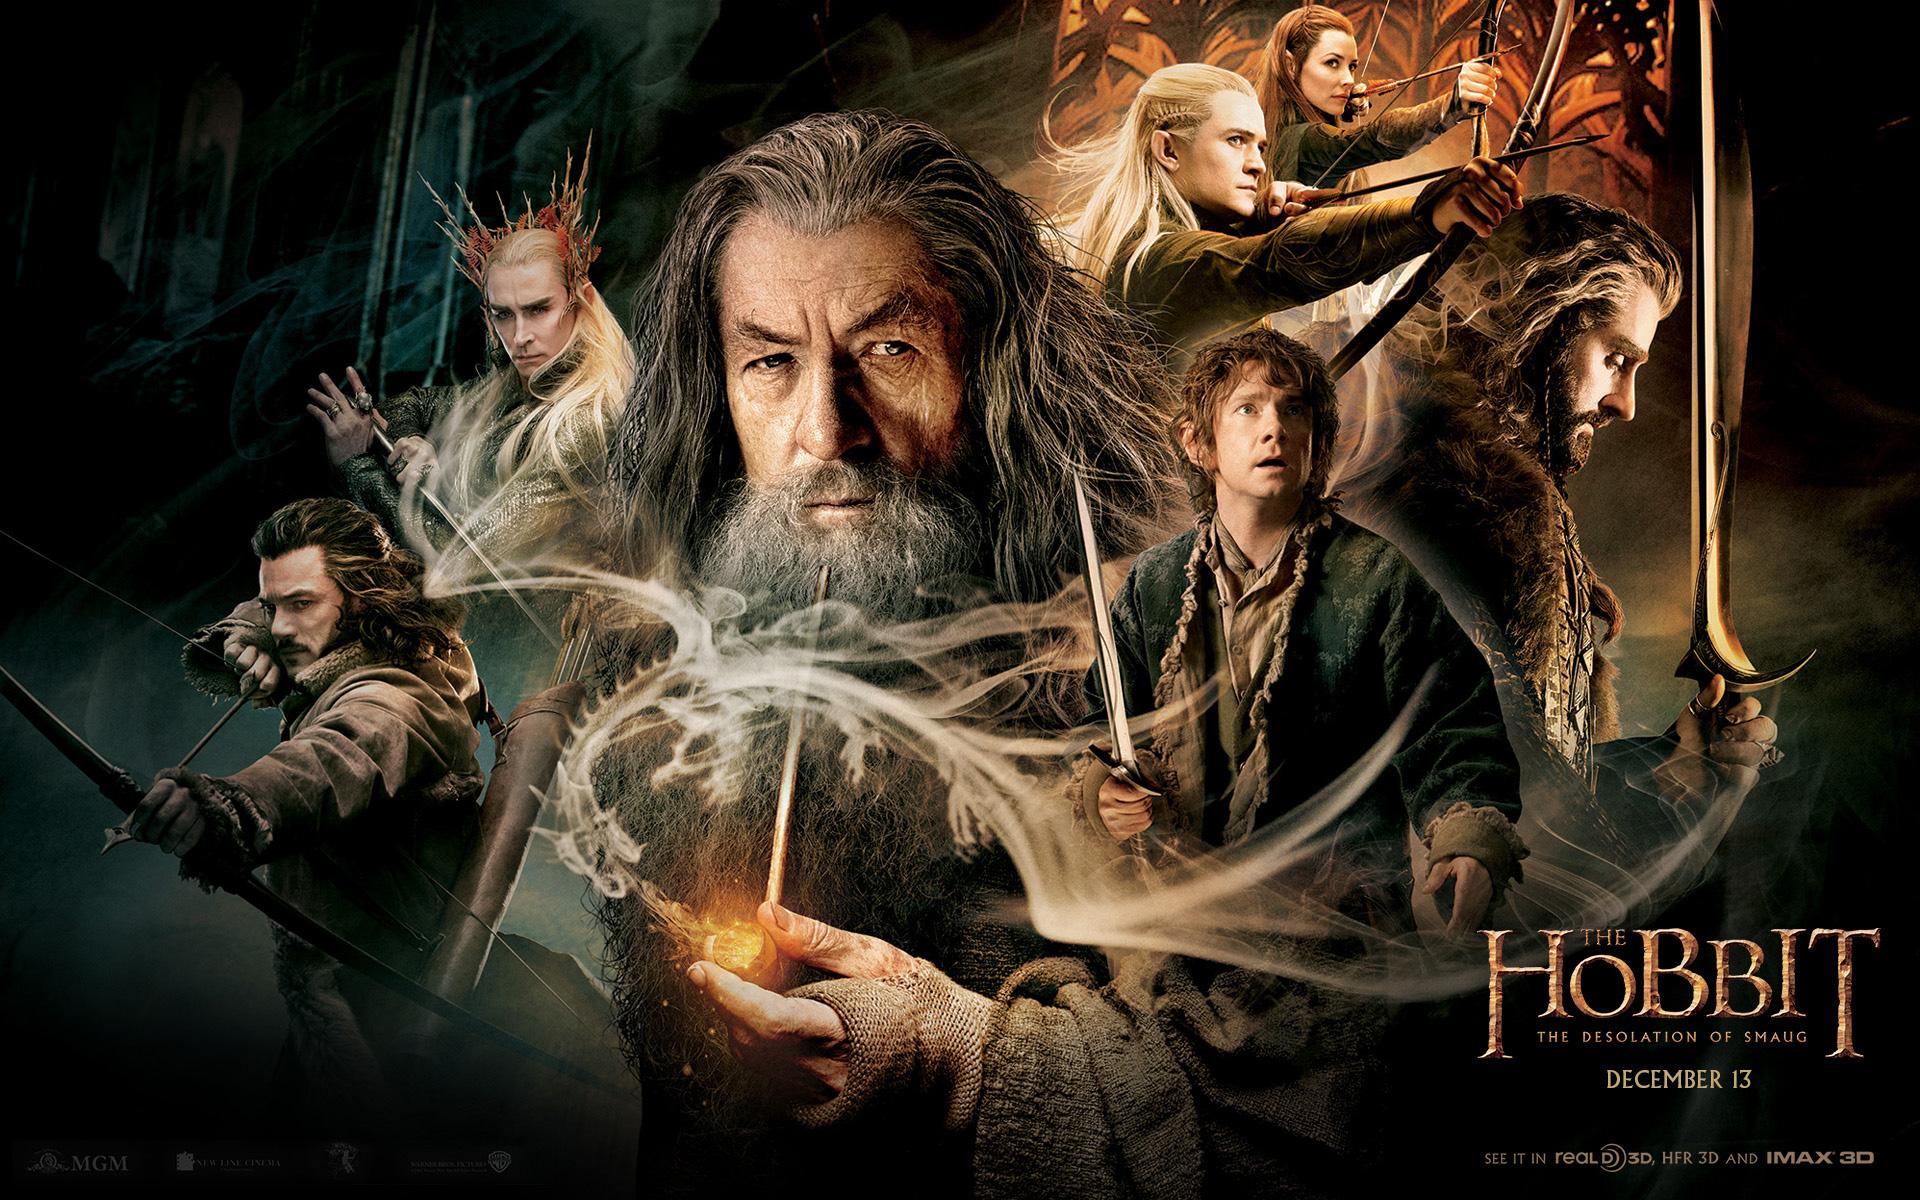 映画「ホビット 竜に奪われた王国」がフルで無料視聴できる動画配信サービス。HuluやNetflixで観れる?